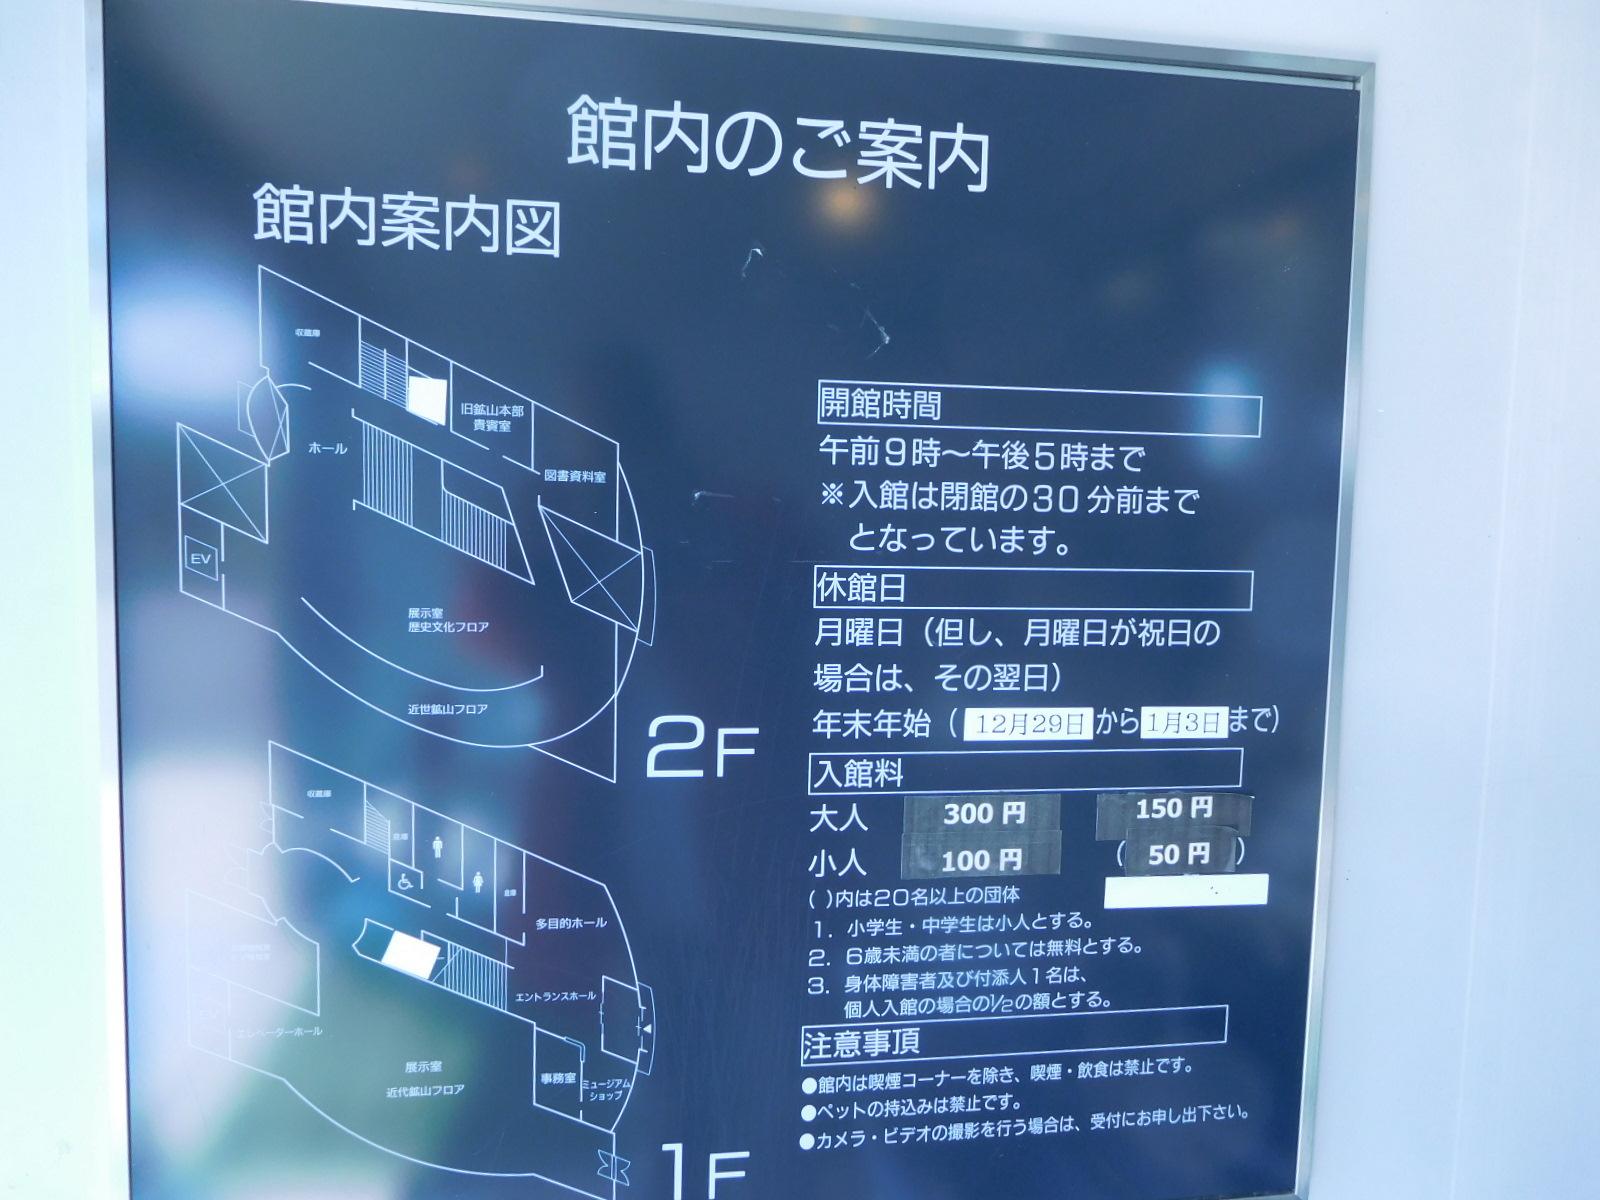 DSCN0082.jpg